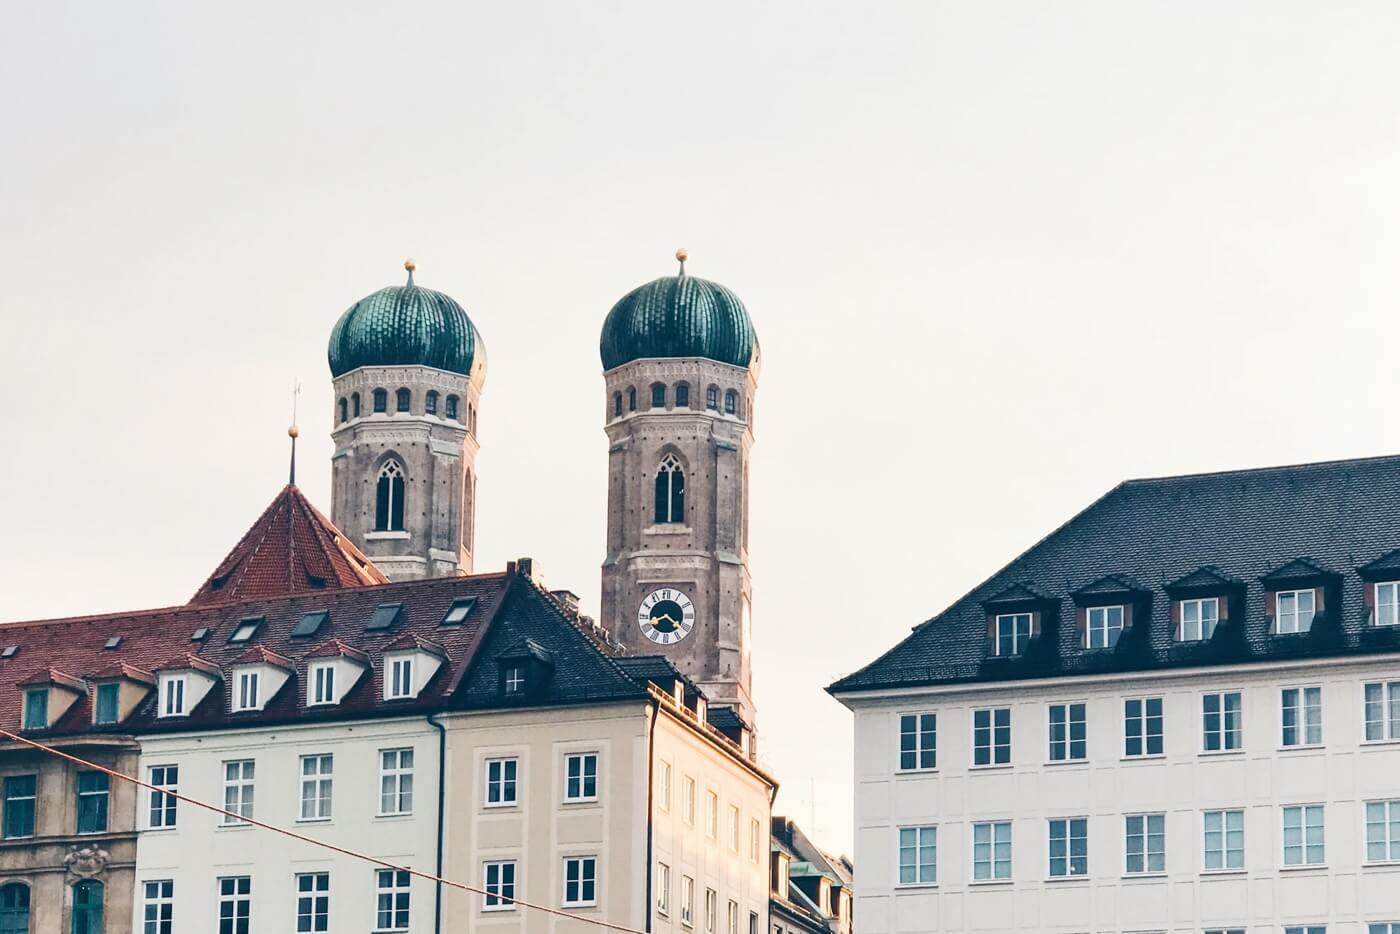 Aufnahme der Türme der Münchner Frauenkirche.